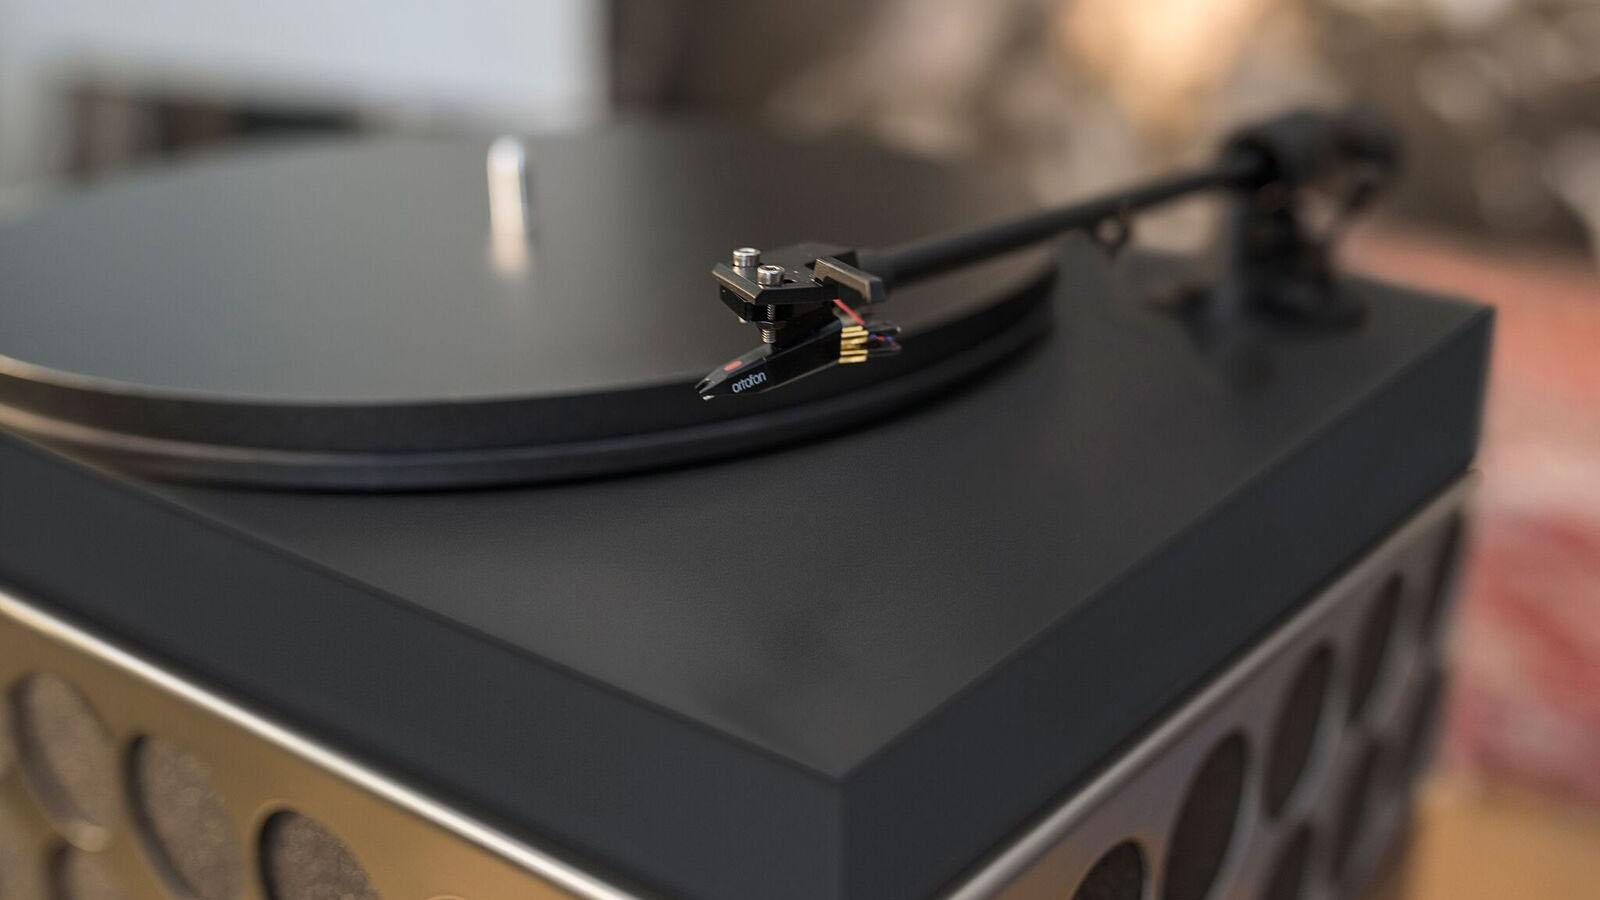 Poet Audio Phonetta Plattenspieler mit Ortofon-Nadel